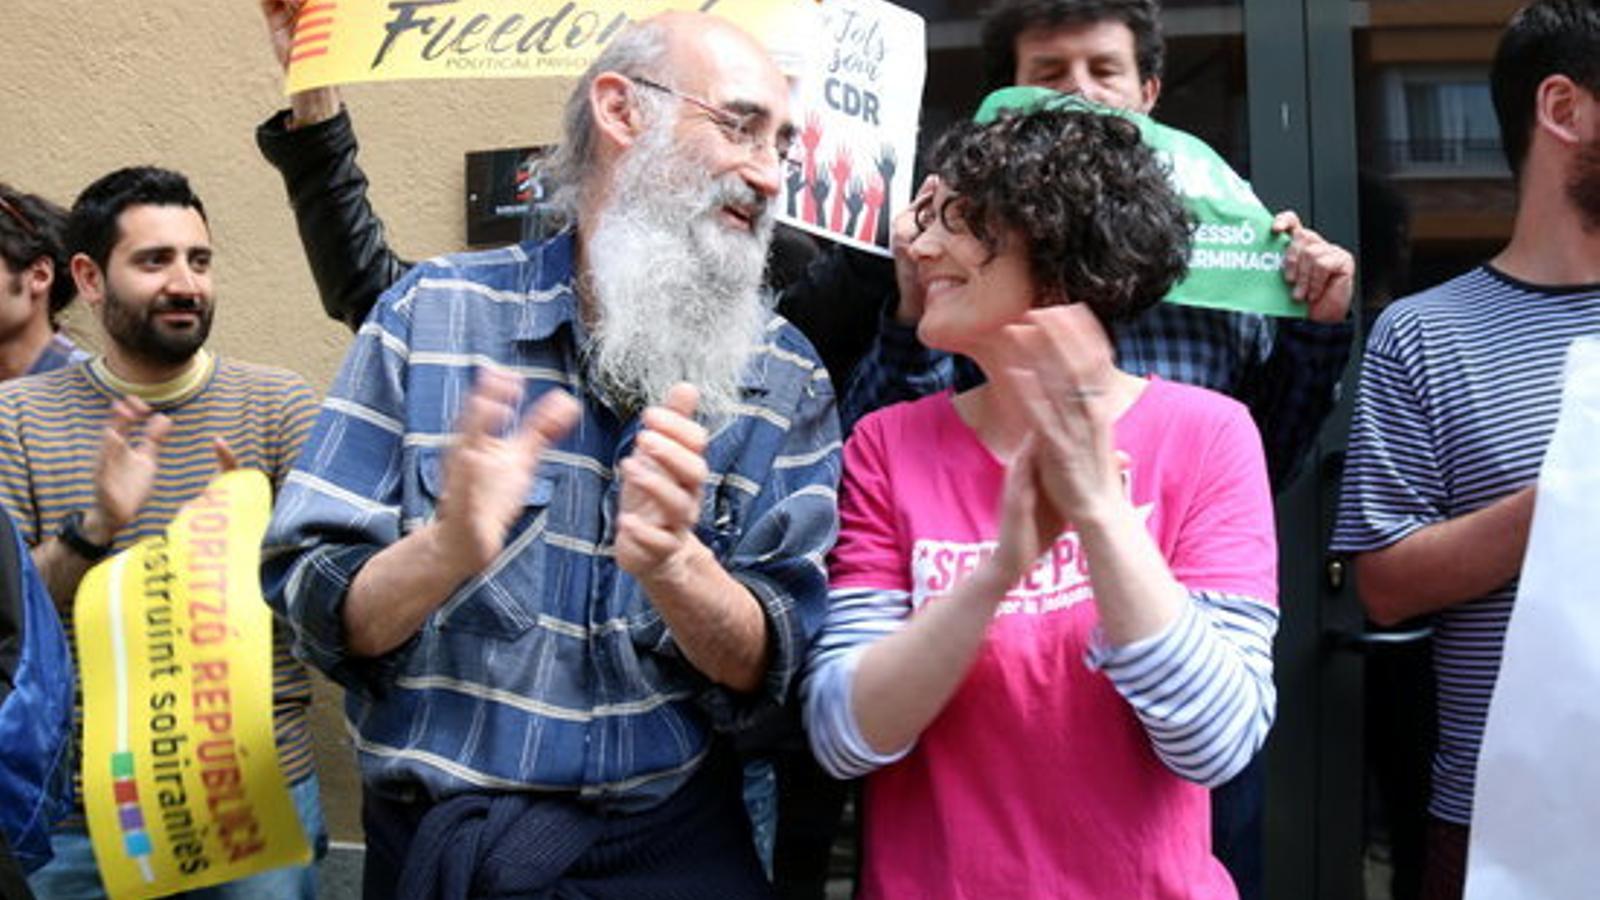 Imatge dels dos regidors de la CUP al Ripollès, Mariona Baraldés i Santi Llagostera, durant la concentració a les portes del jutjat de Ripoll, el passat 26 d'abril